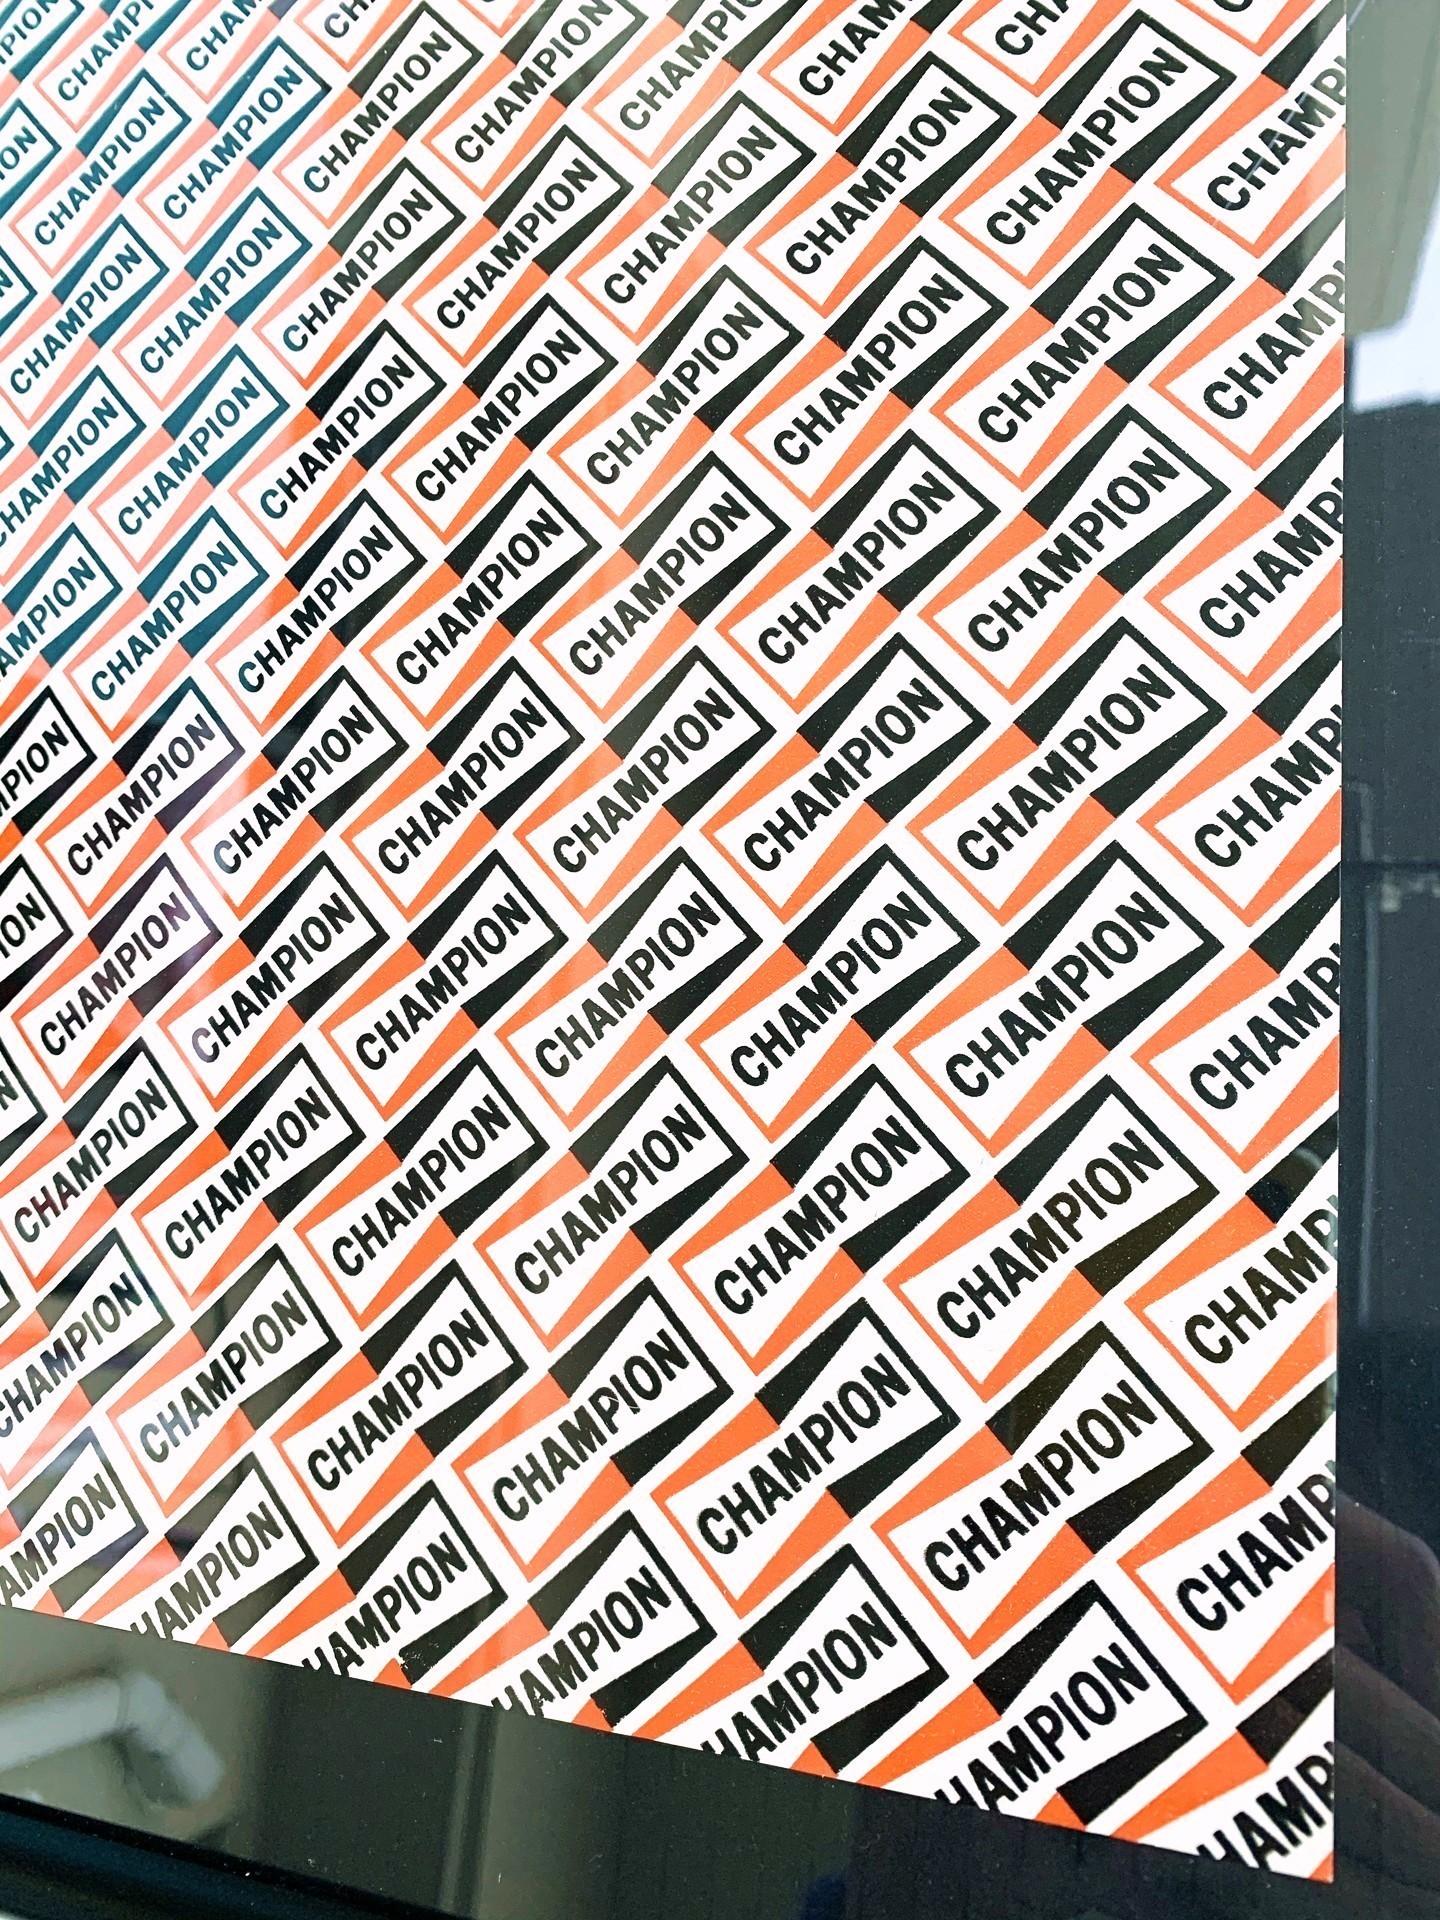 5C0264F9-0929-42F0-BBEB-D6113ED49A06.jpeg